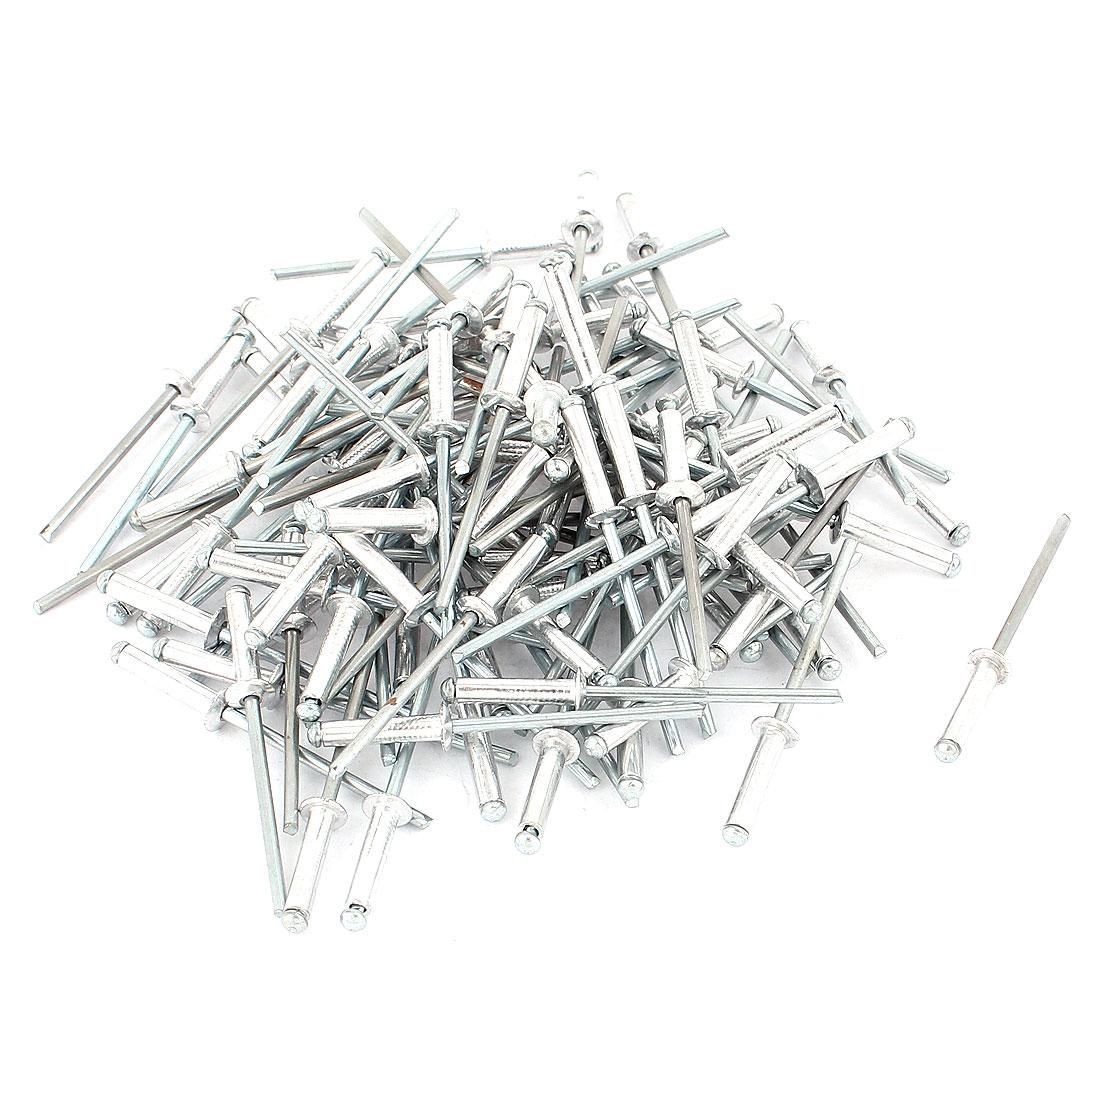 100 Pcs 3.2mm x 15mm Aluminium Open End Dome Head Blind Rivets